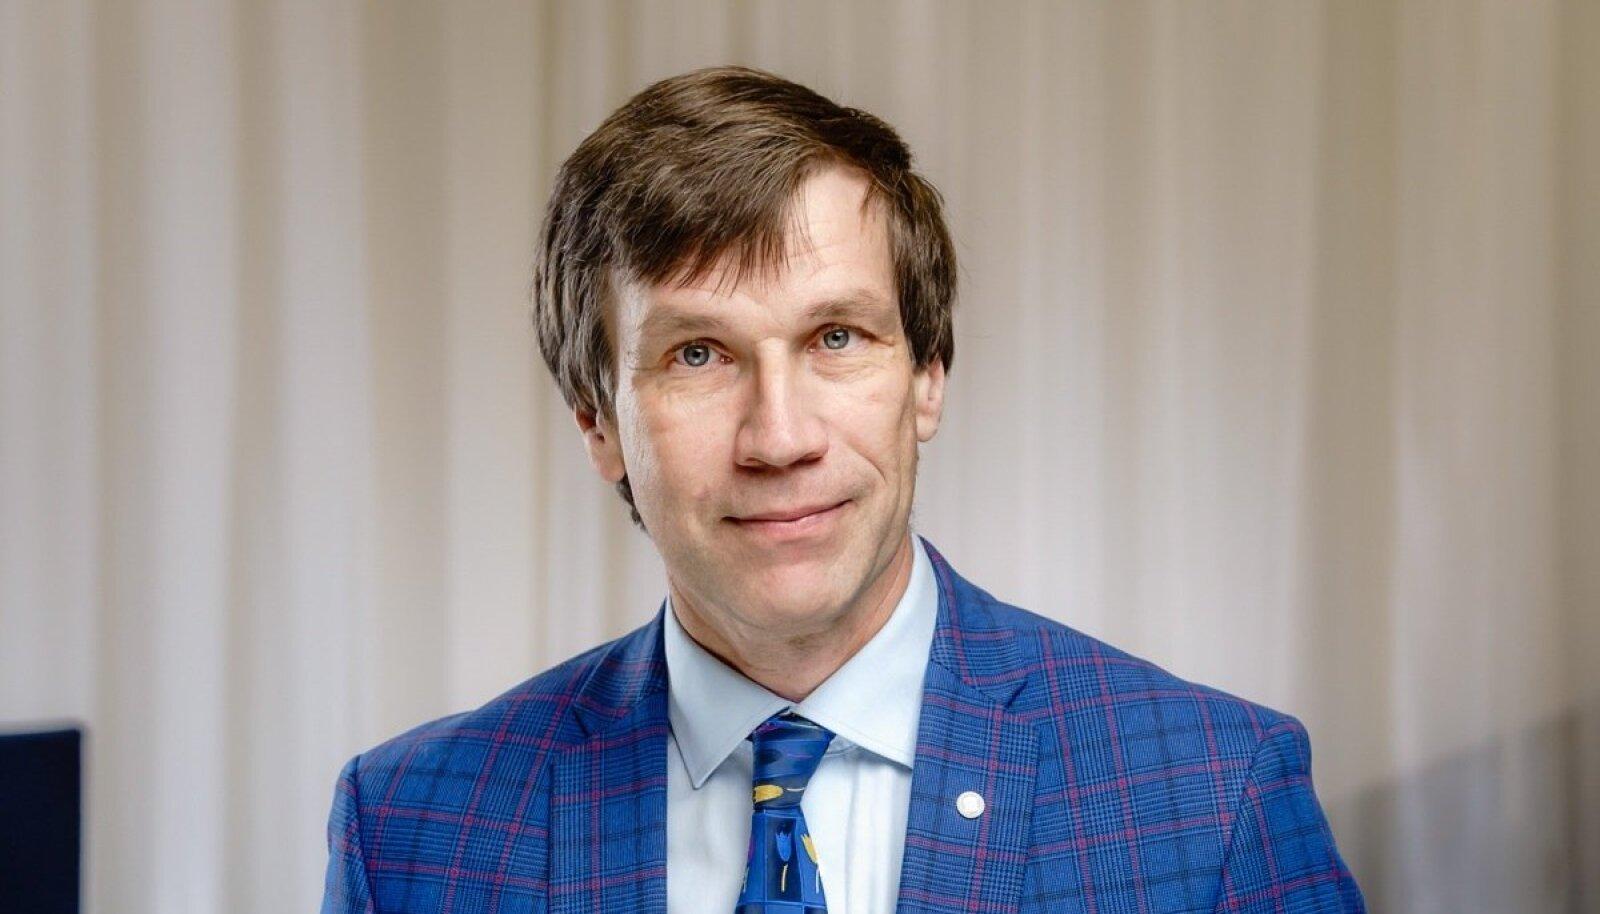 Sulev Valner töötab rahandusministeeriumis nõunikuna kohalike omavalitsuste poliitika valdkonnas. Artikkel väljendab autori isiklikke seisukohti.